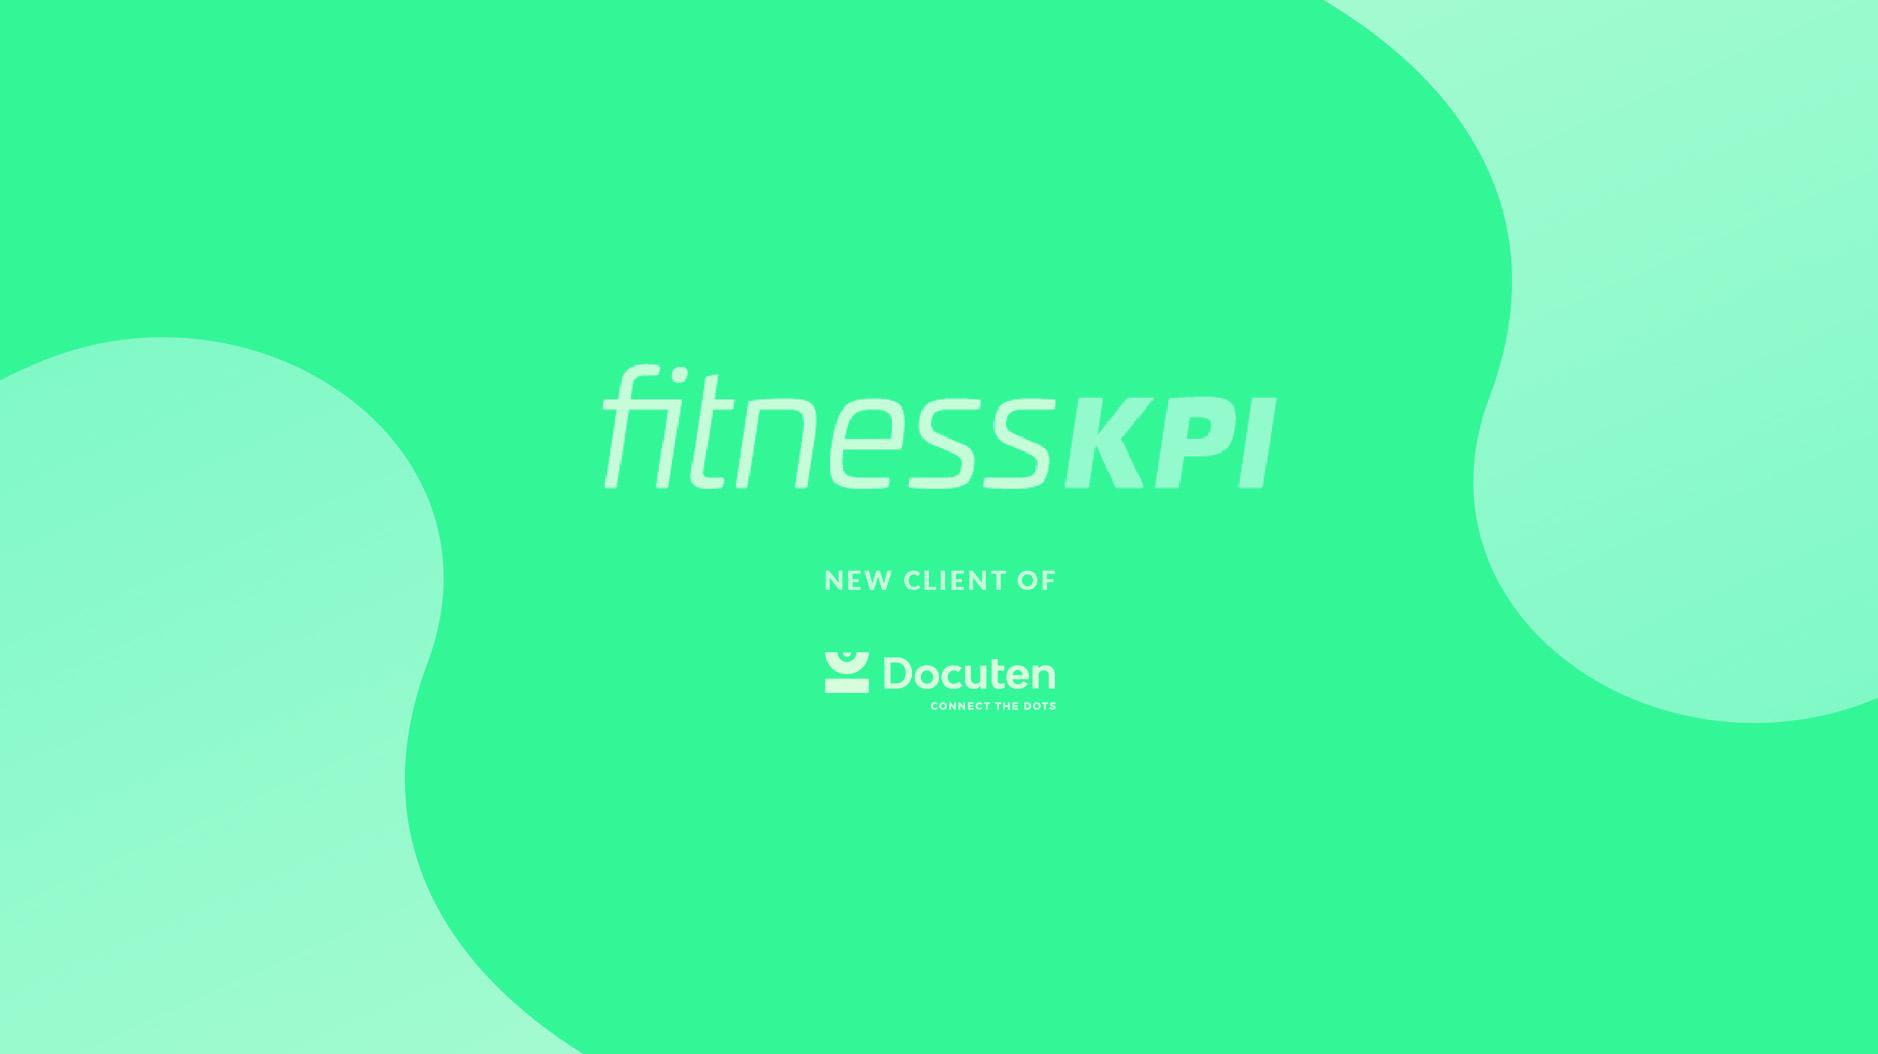 Fitness Technologies confía en Docuten para la digitalización de sus procesos administrativos